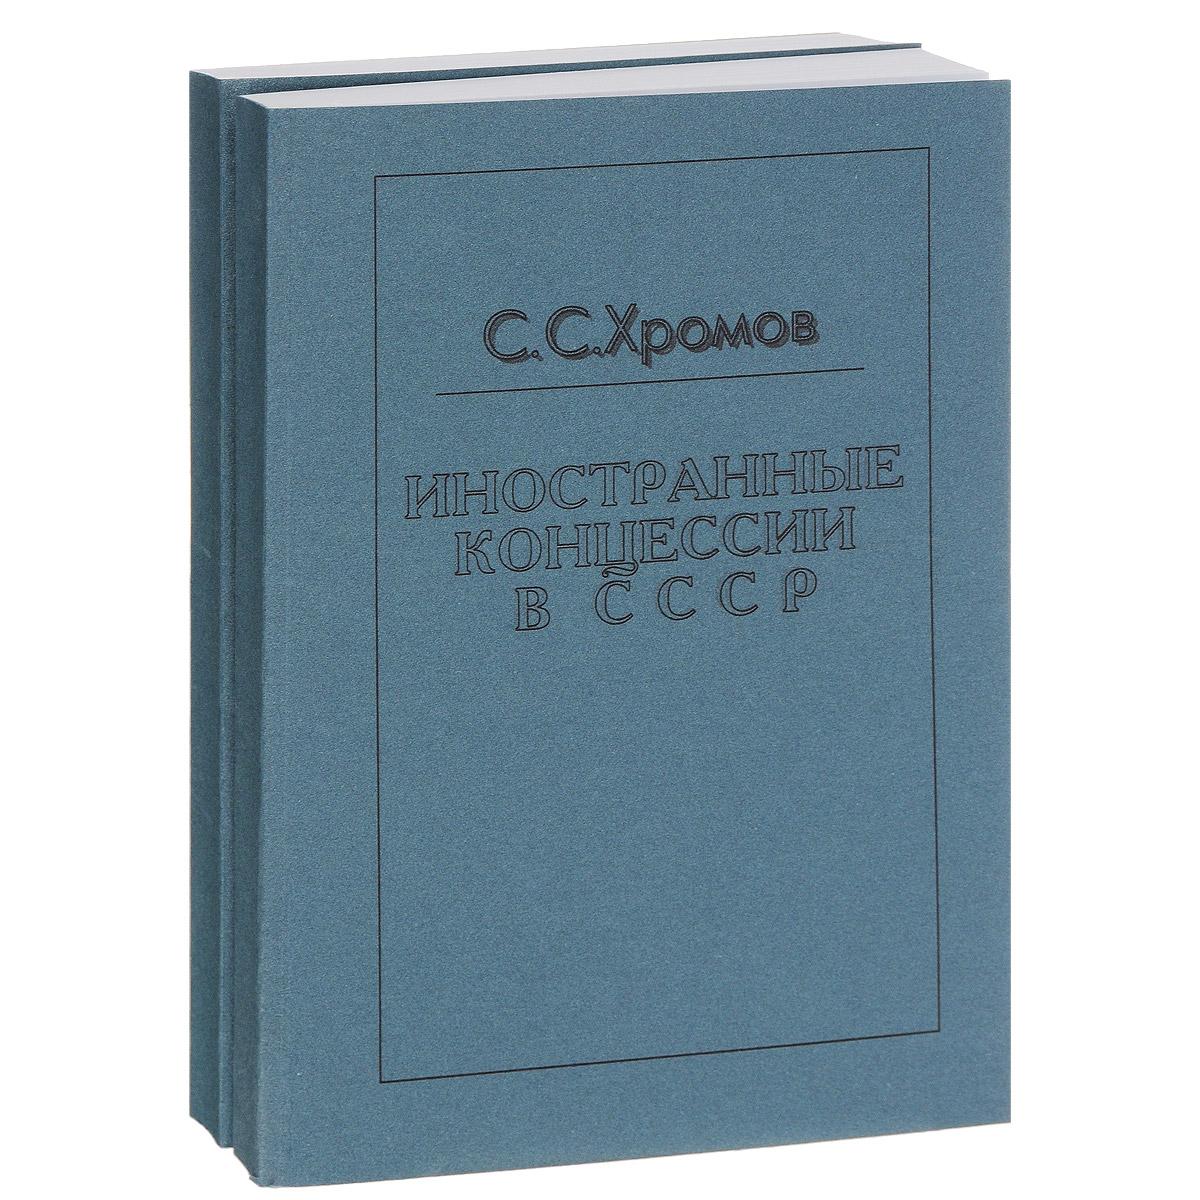 Иностранные концессии в СССР (комплект из 2 книг)